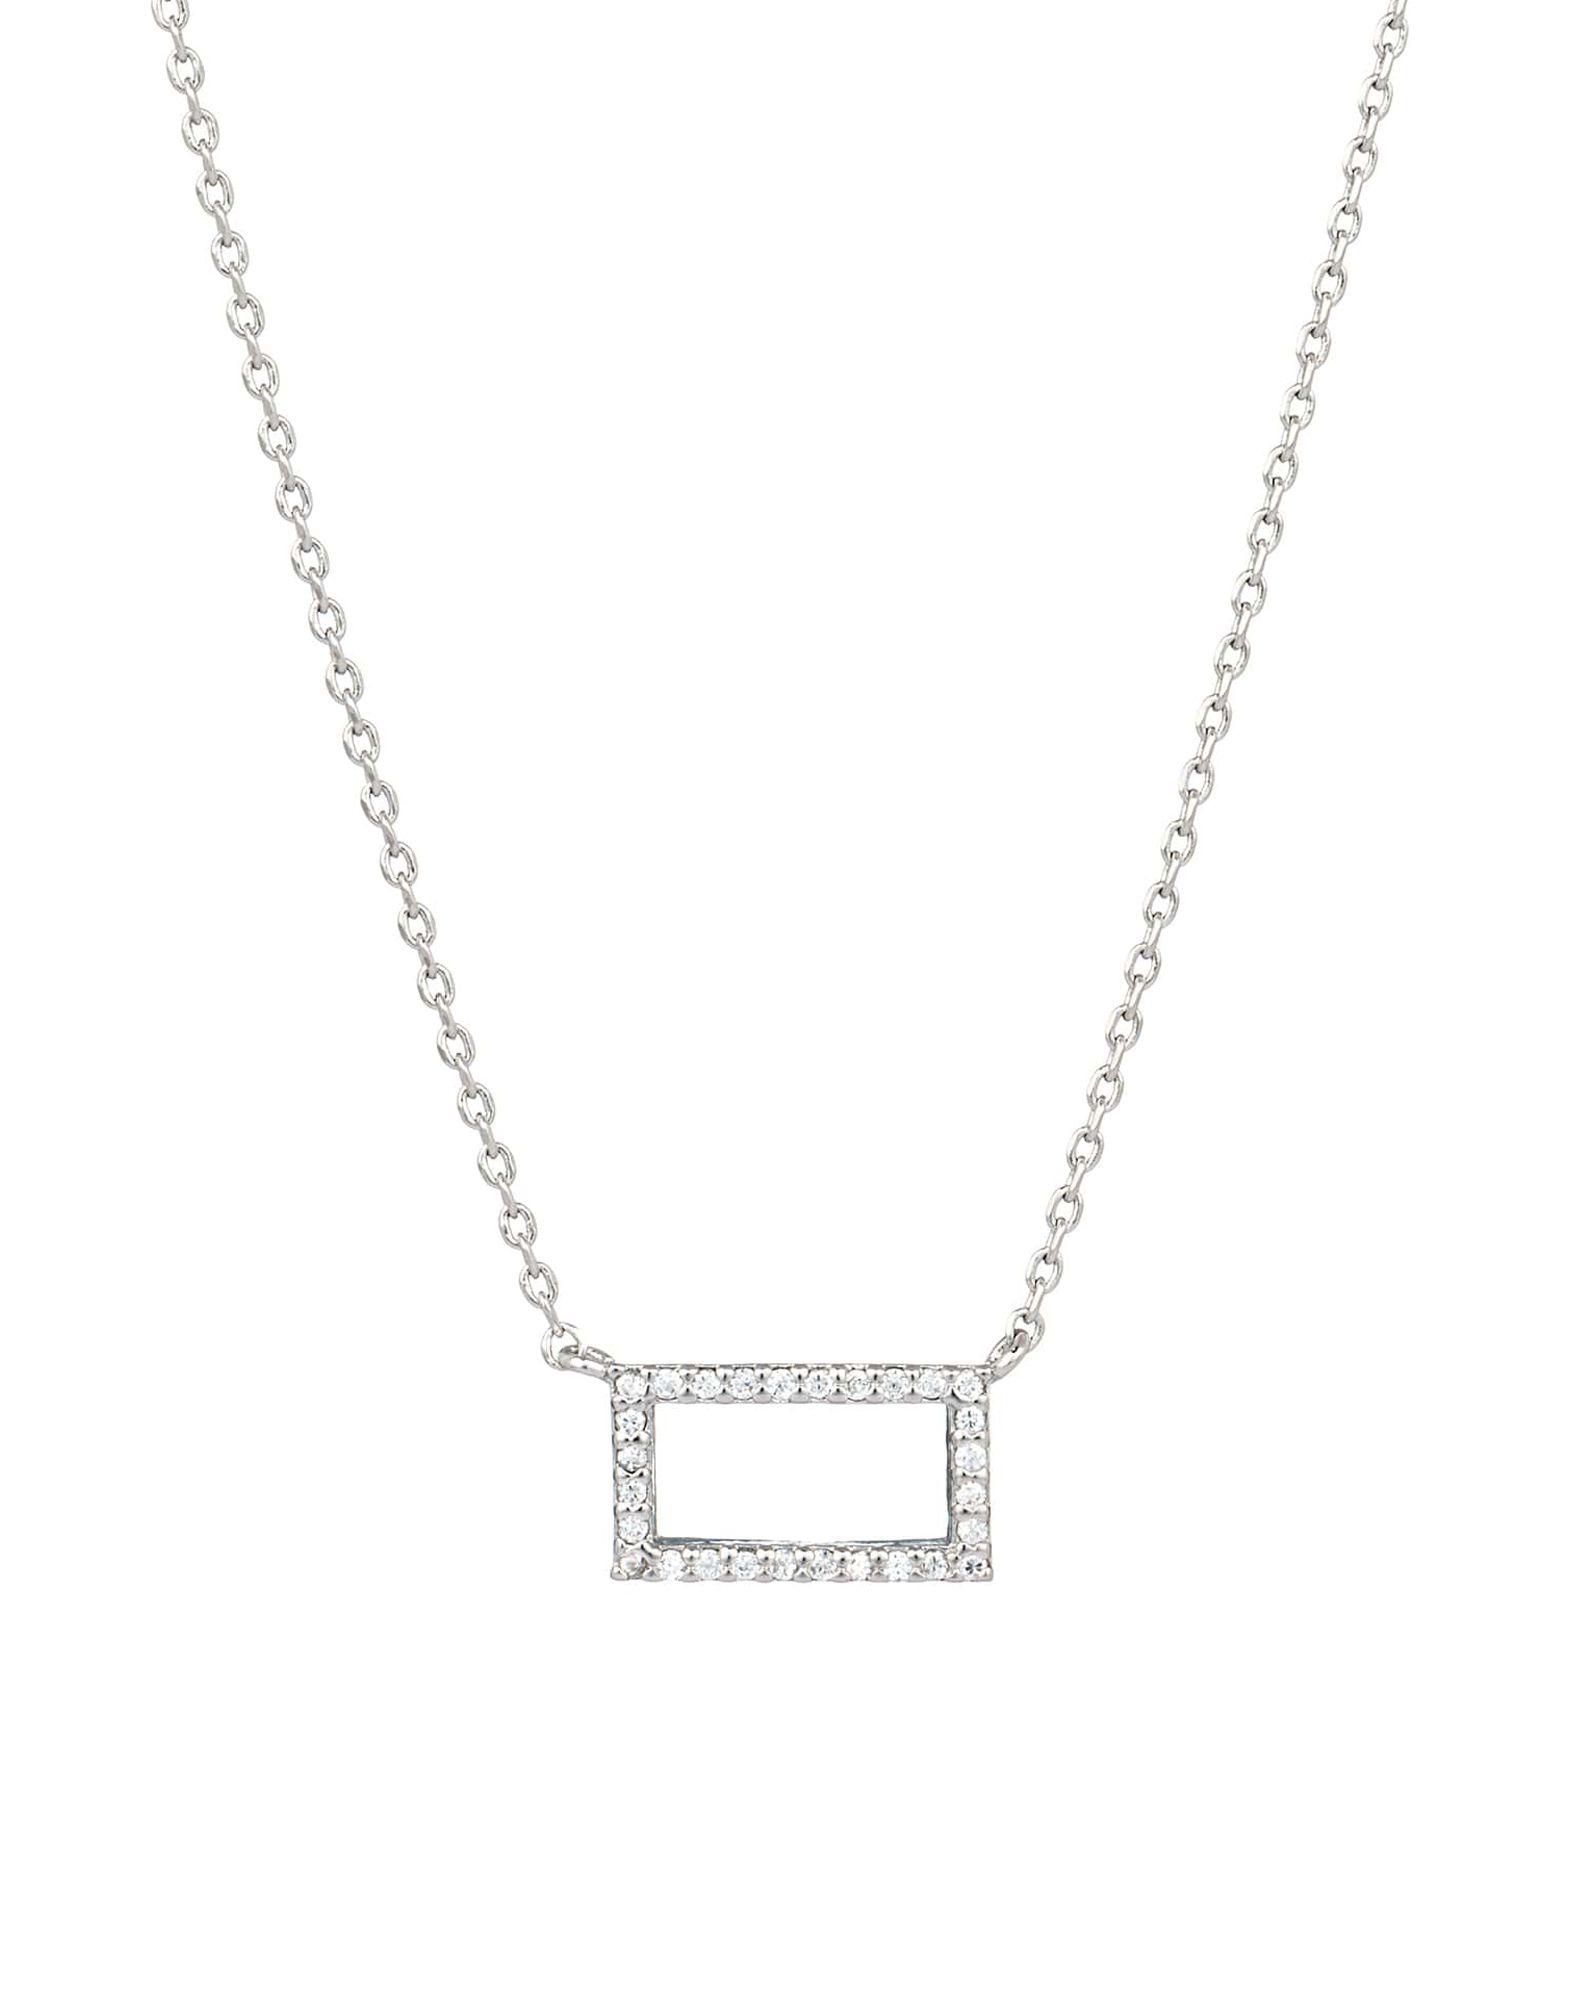 Astrid & Miyu JEWELRY - Necklaces su YOOX.COM WNJBoh